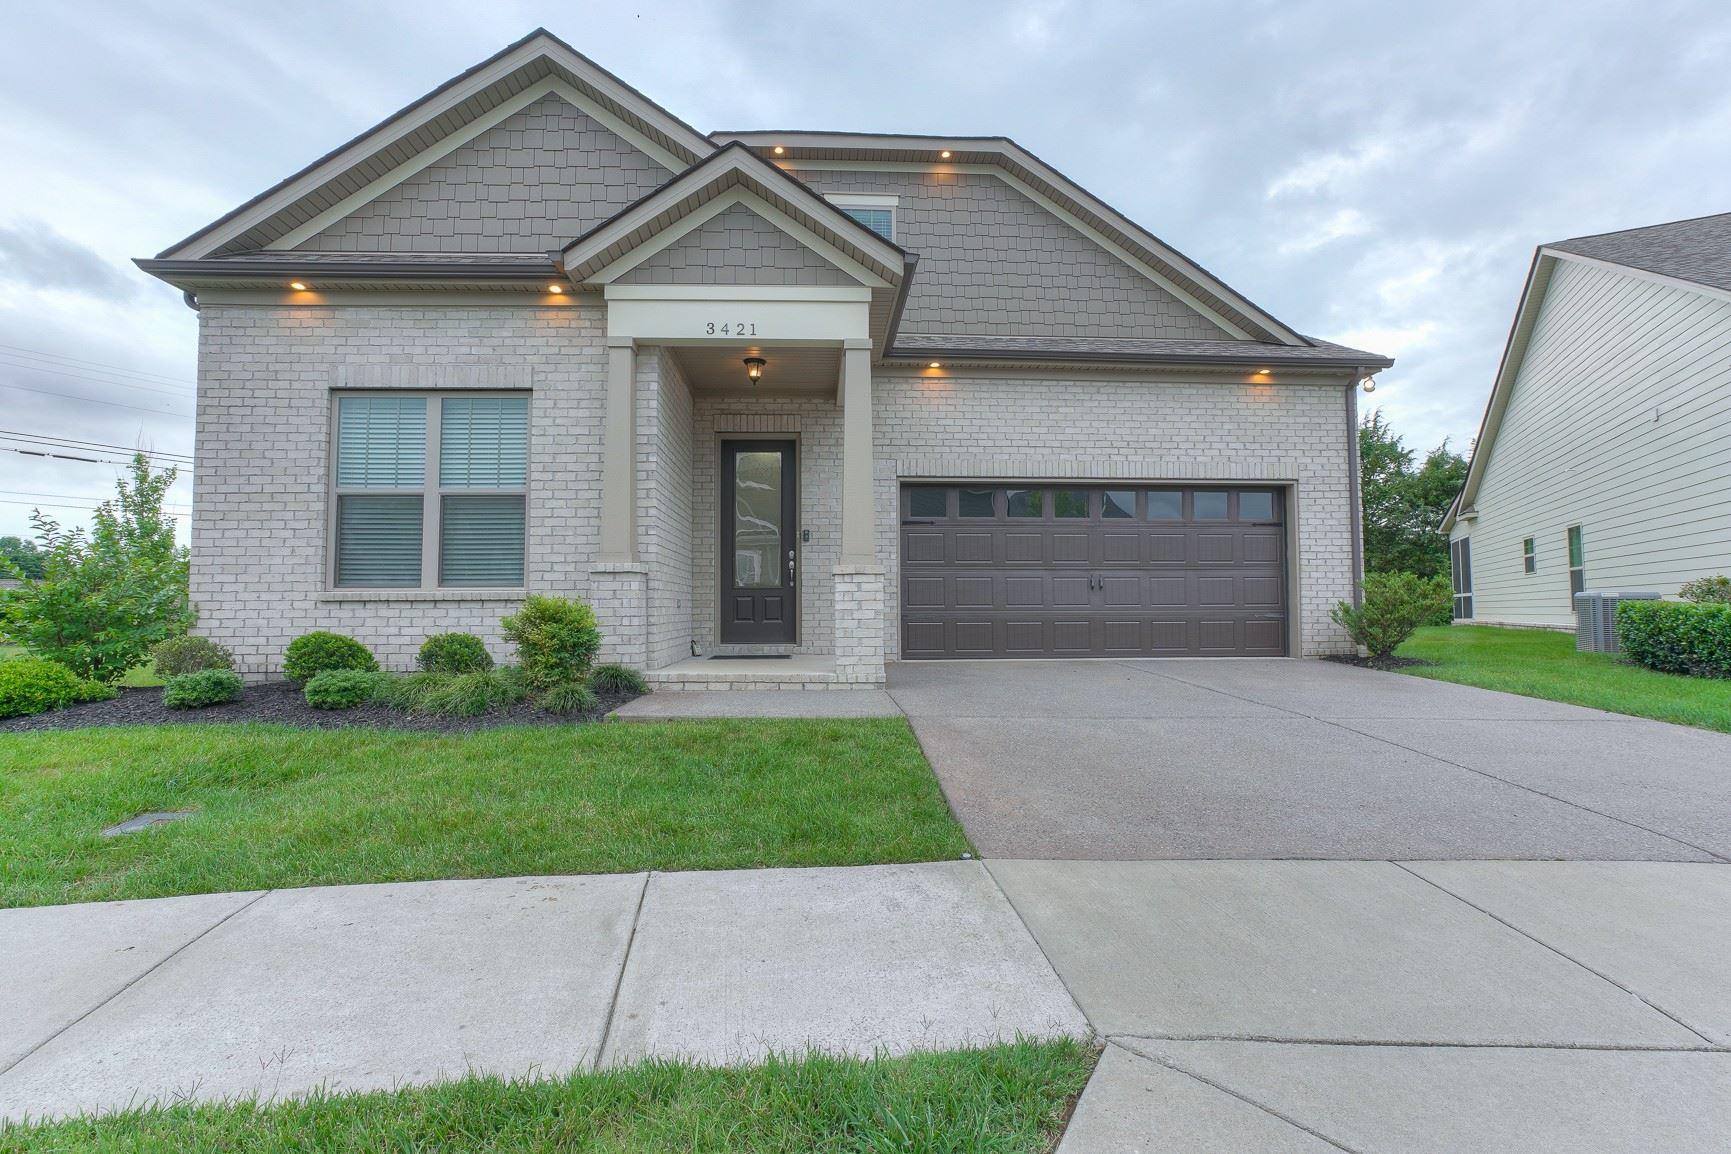 Photo of 3421 Cortona Way, Murfreesboro, TN 37129 (MLS # 2251233)